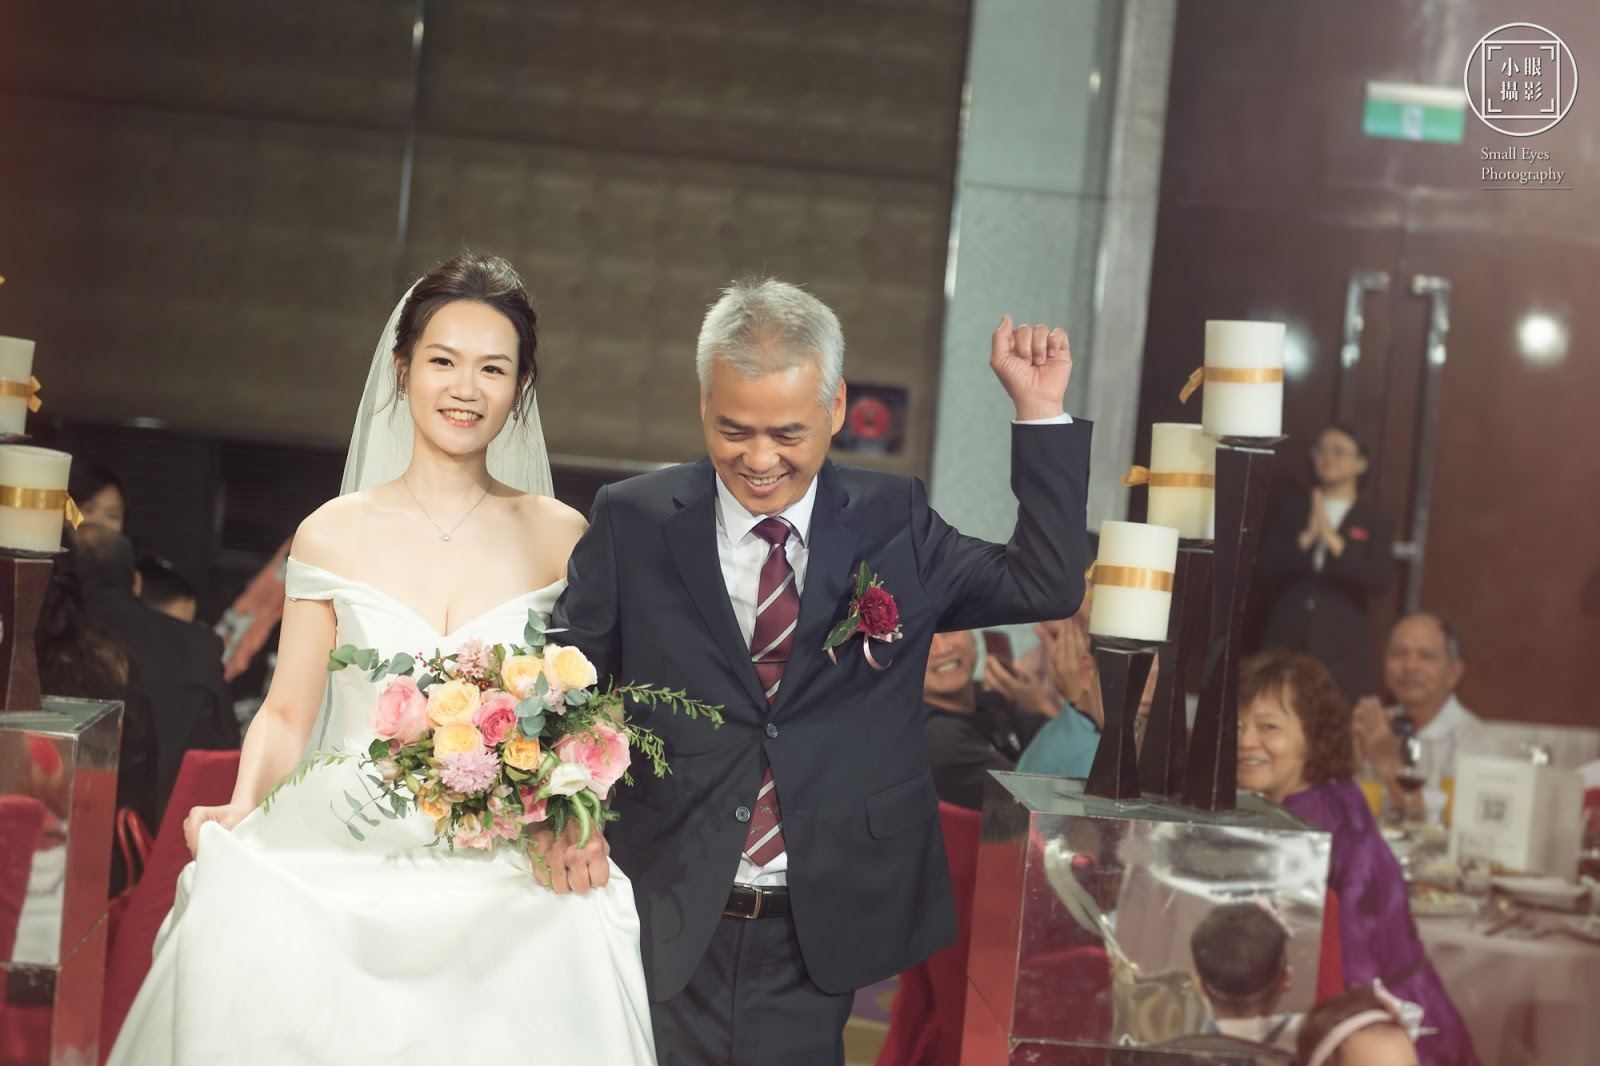 傅祐承,婚攝,婚禮攝影,小眼攝影,婚禮紀實,婚禮紀錄,結婚,婚禮,儀式,文定,文訂,迎娶,闖關,婚紗,國內婚紗,海外婚紗,寫真,婚攝小眼,台北,自主婚紗,自助婚紗,日本,君悅,